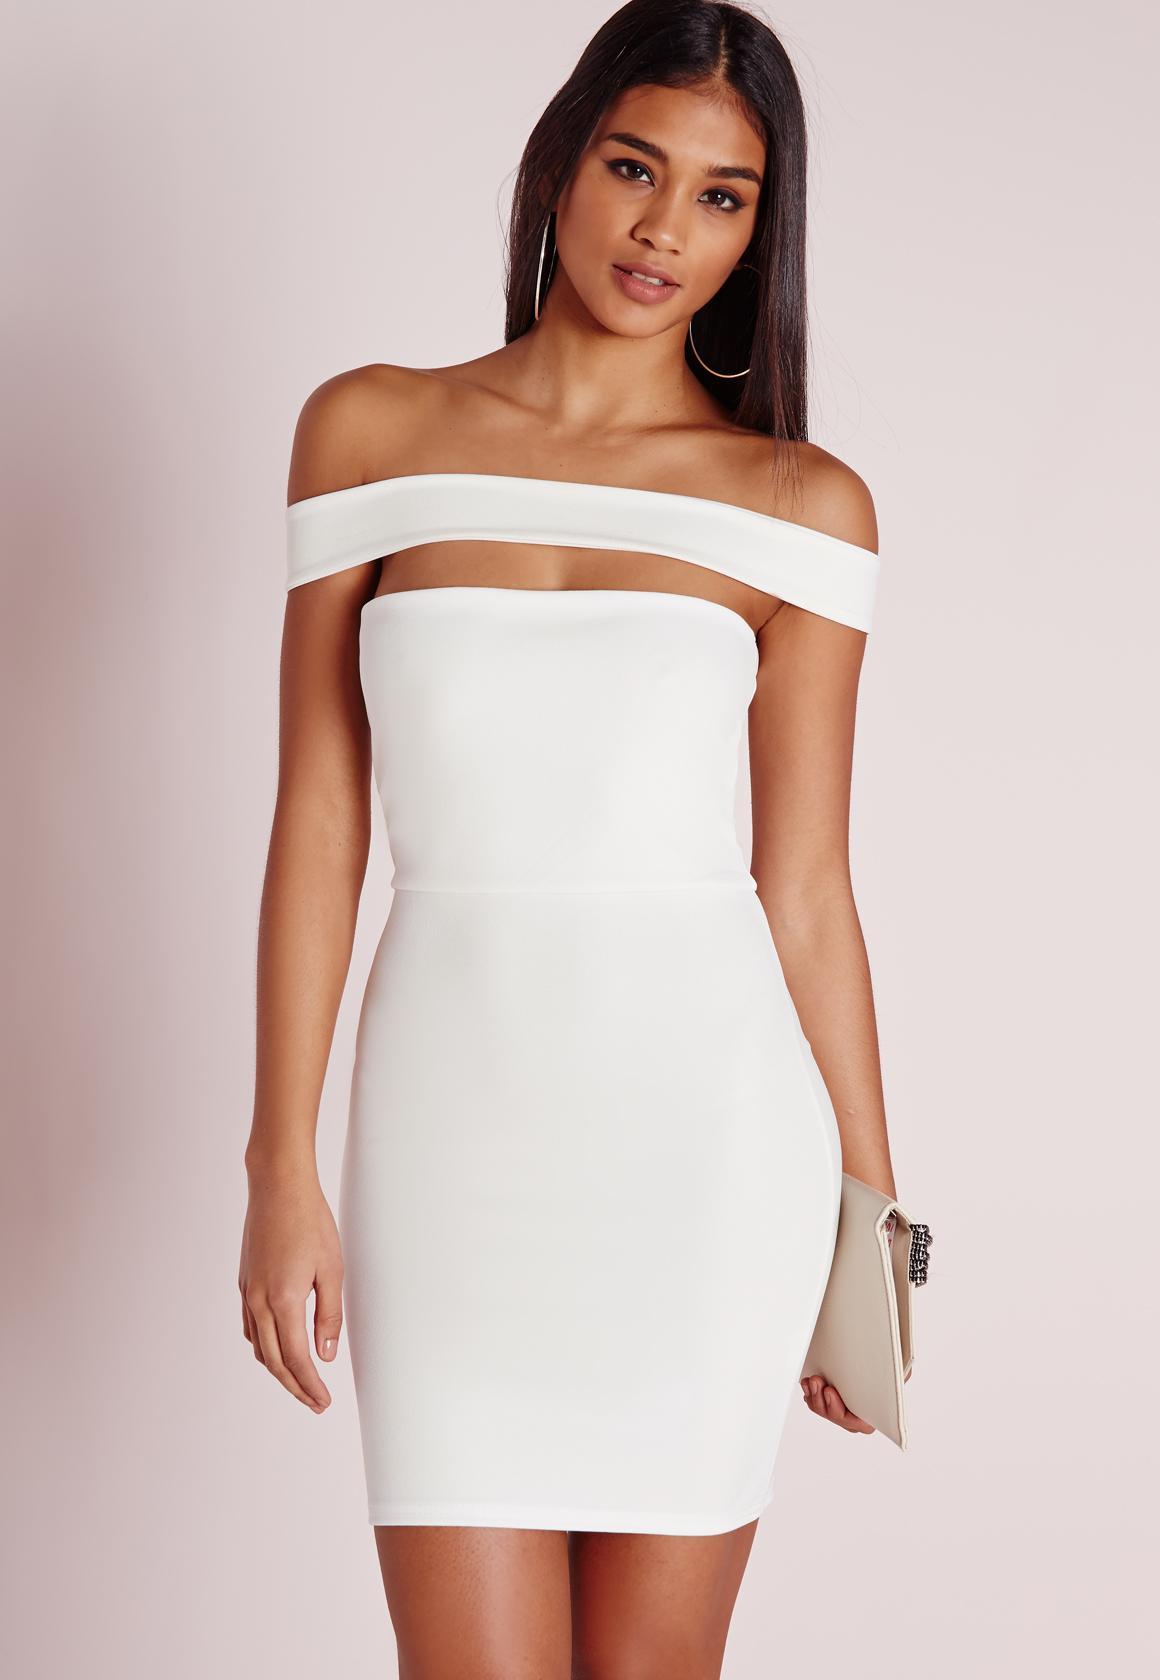 Robe blanche trop courte